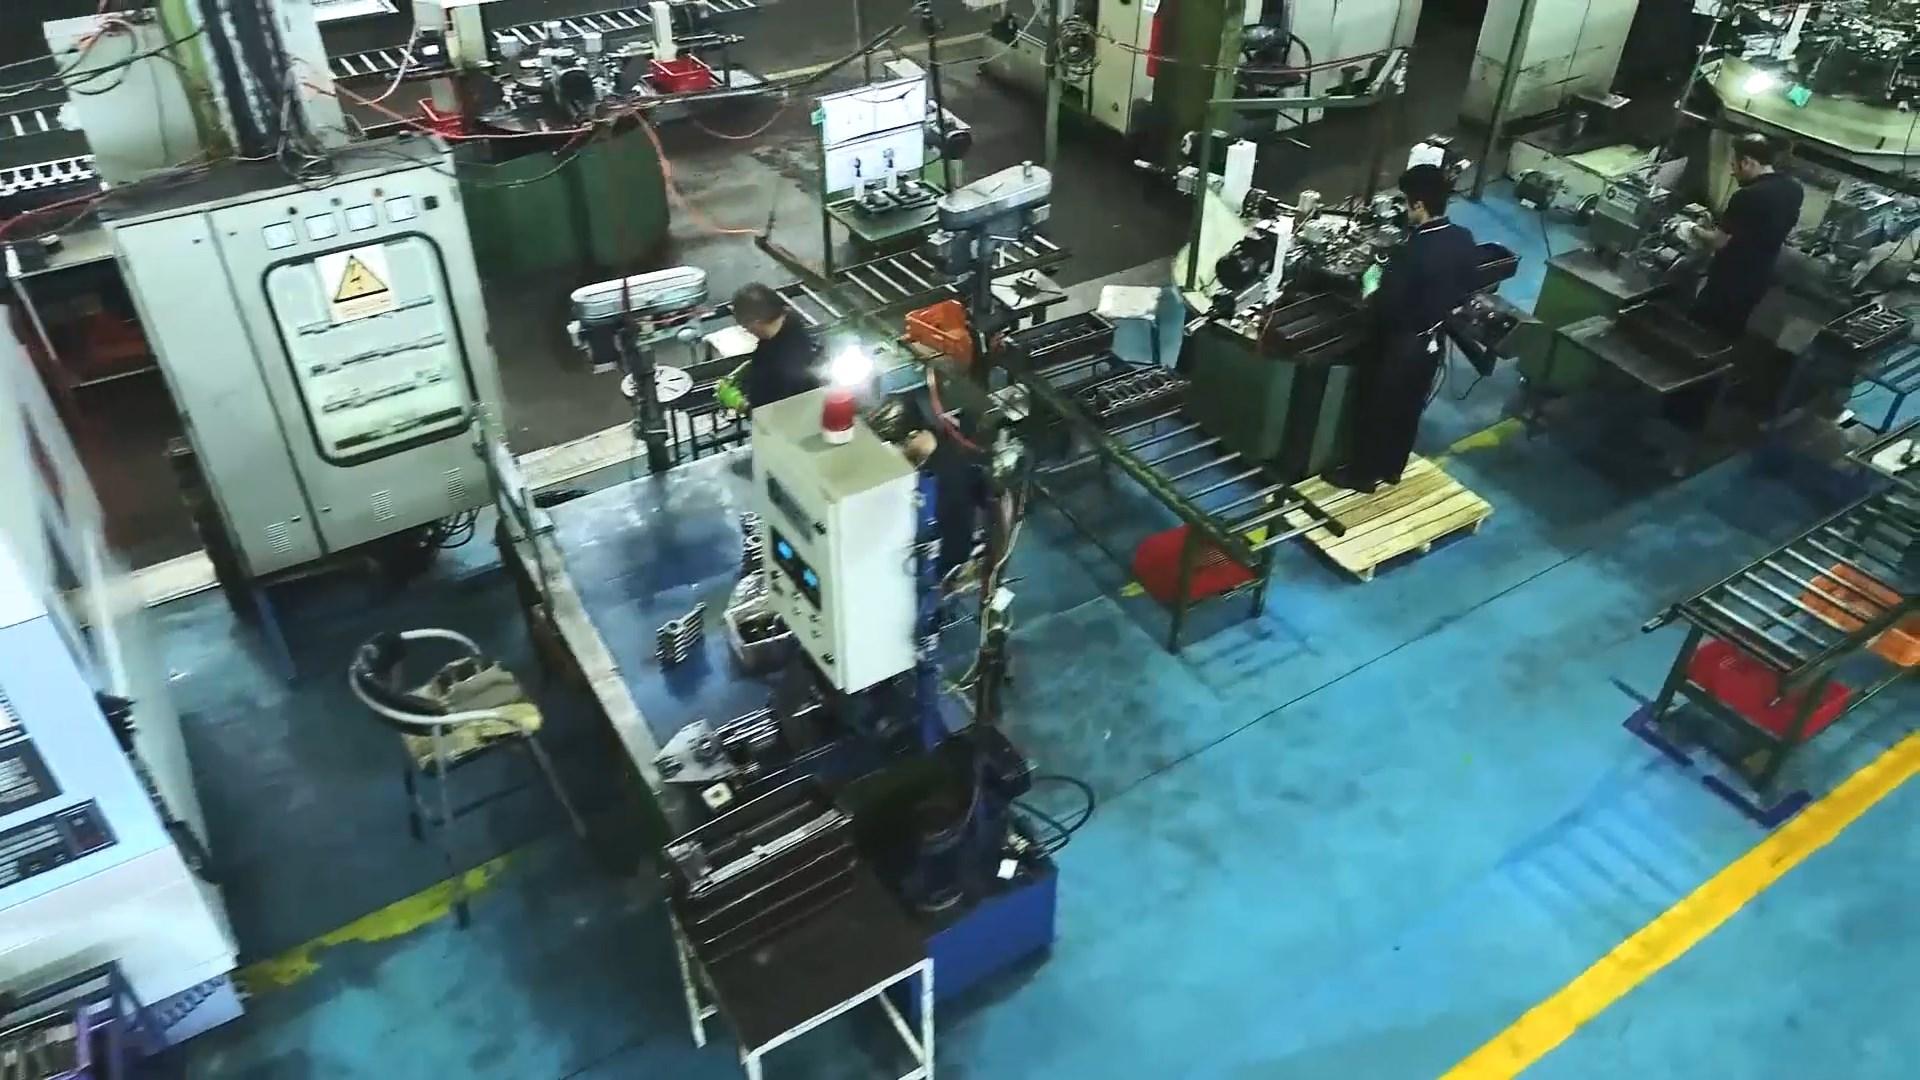 بهار تولید در بزرگترین تولید کننده شاتون کشور ارمغان تحریم ها